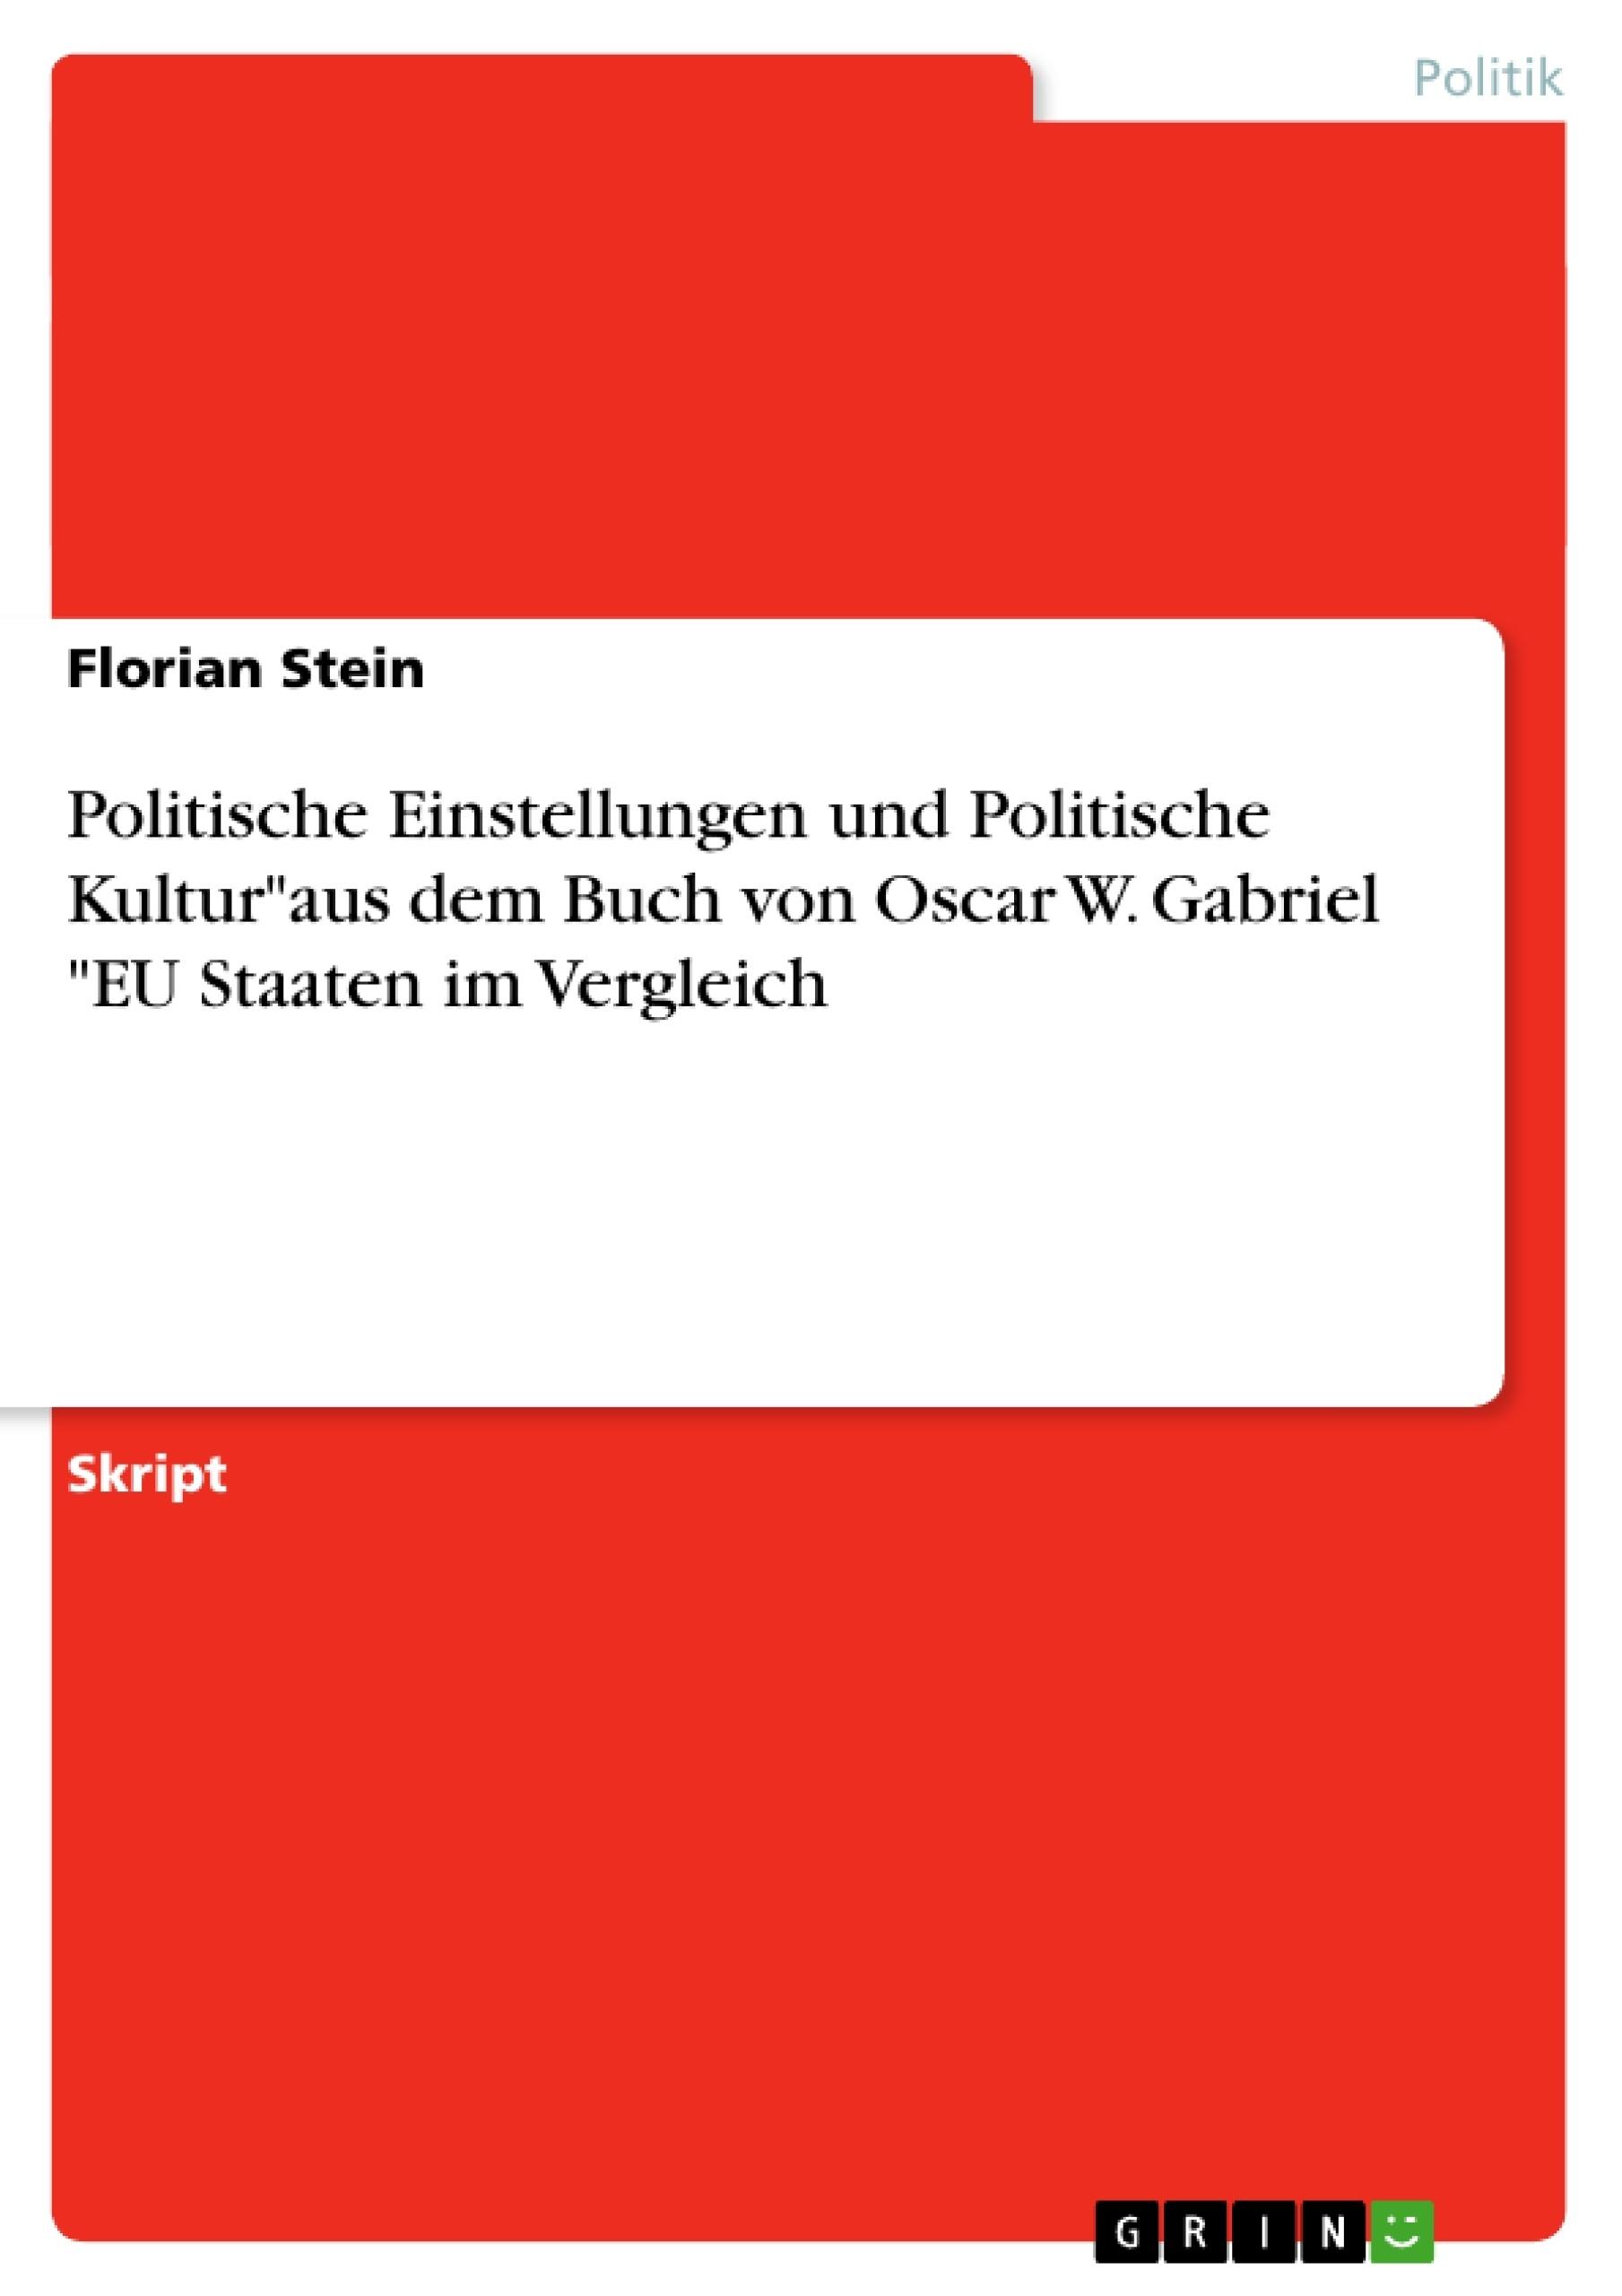 """Titel: Politische Einstellungen und Politische Kultur""""aus dem Buch von Oscar W. Gabriel """"EU Staaten im Vergleich"""